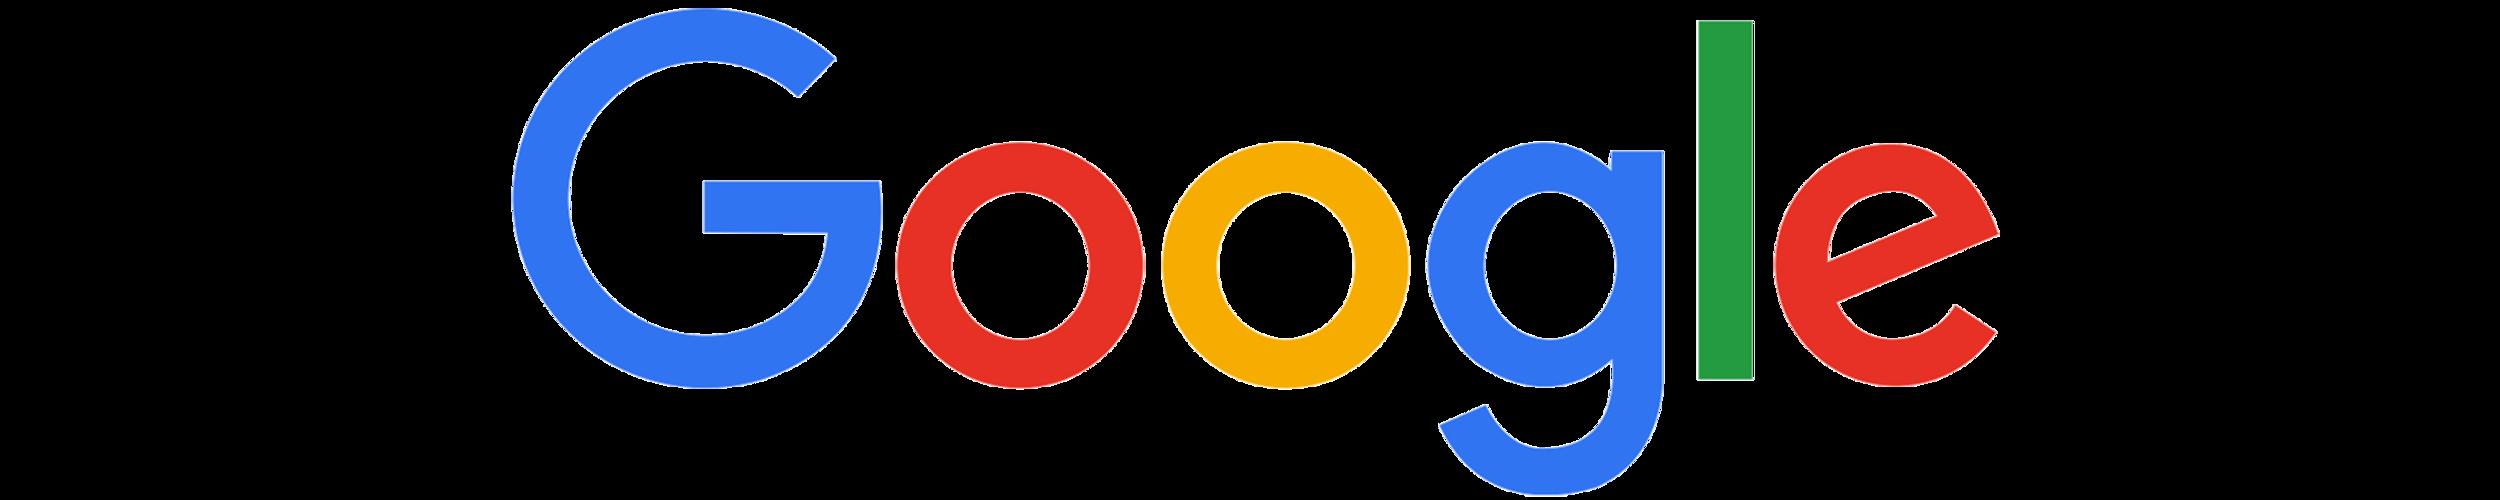 Google's full color logo